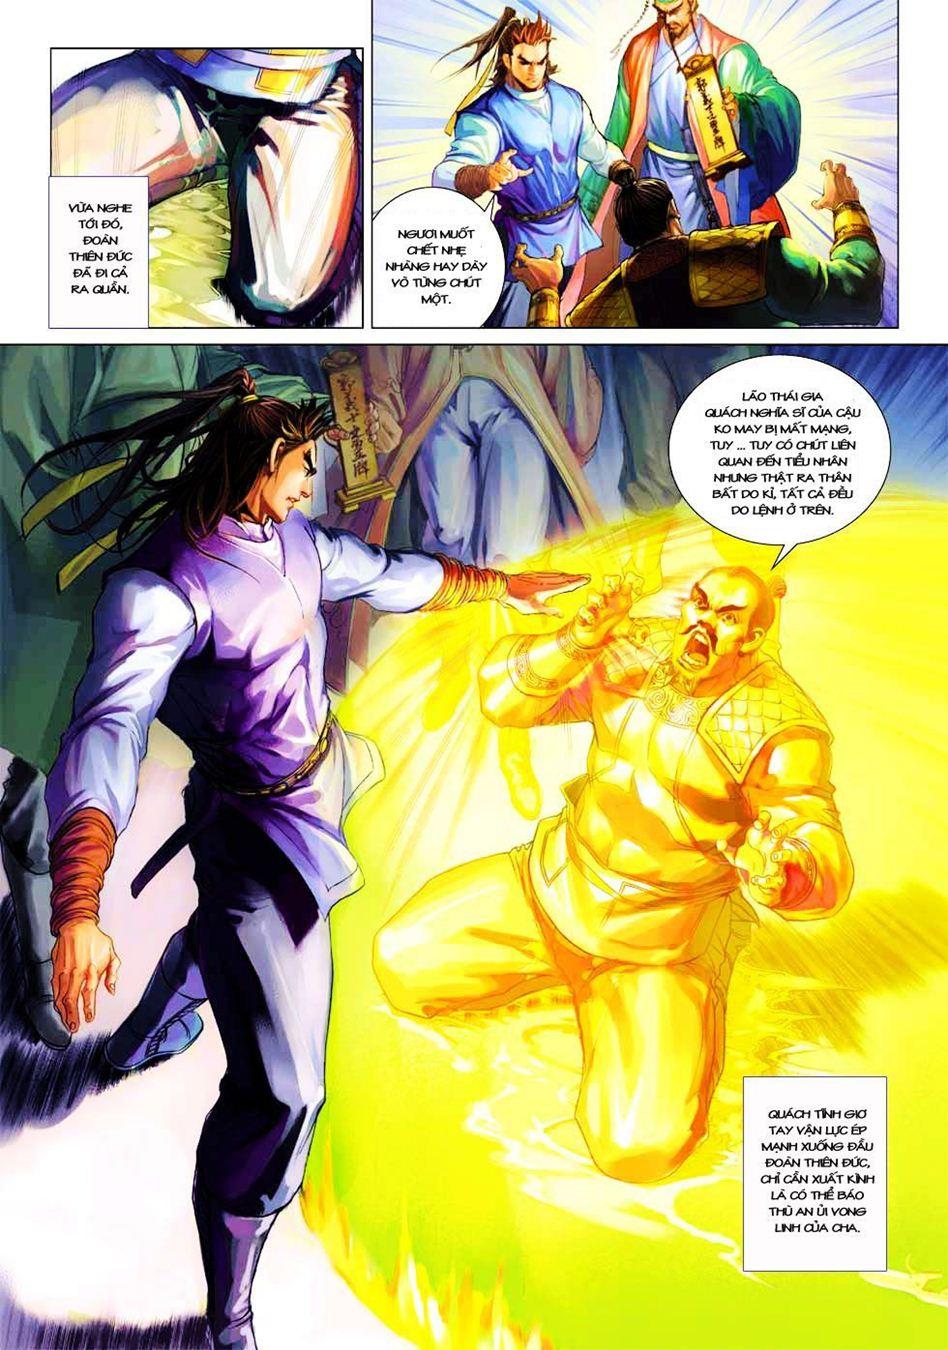 Anh Hùng Xạ Điêu anh hùng xạ đêu chap 33 trang 32